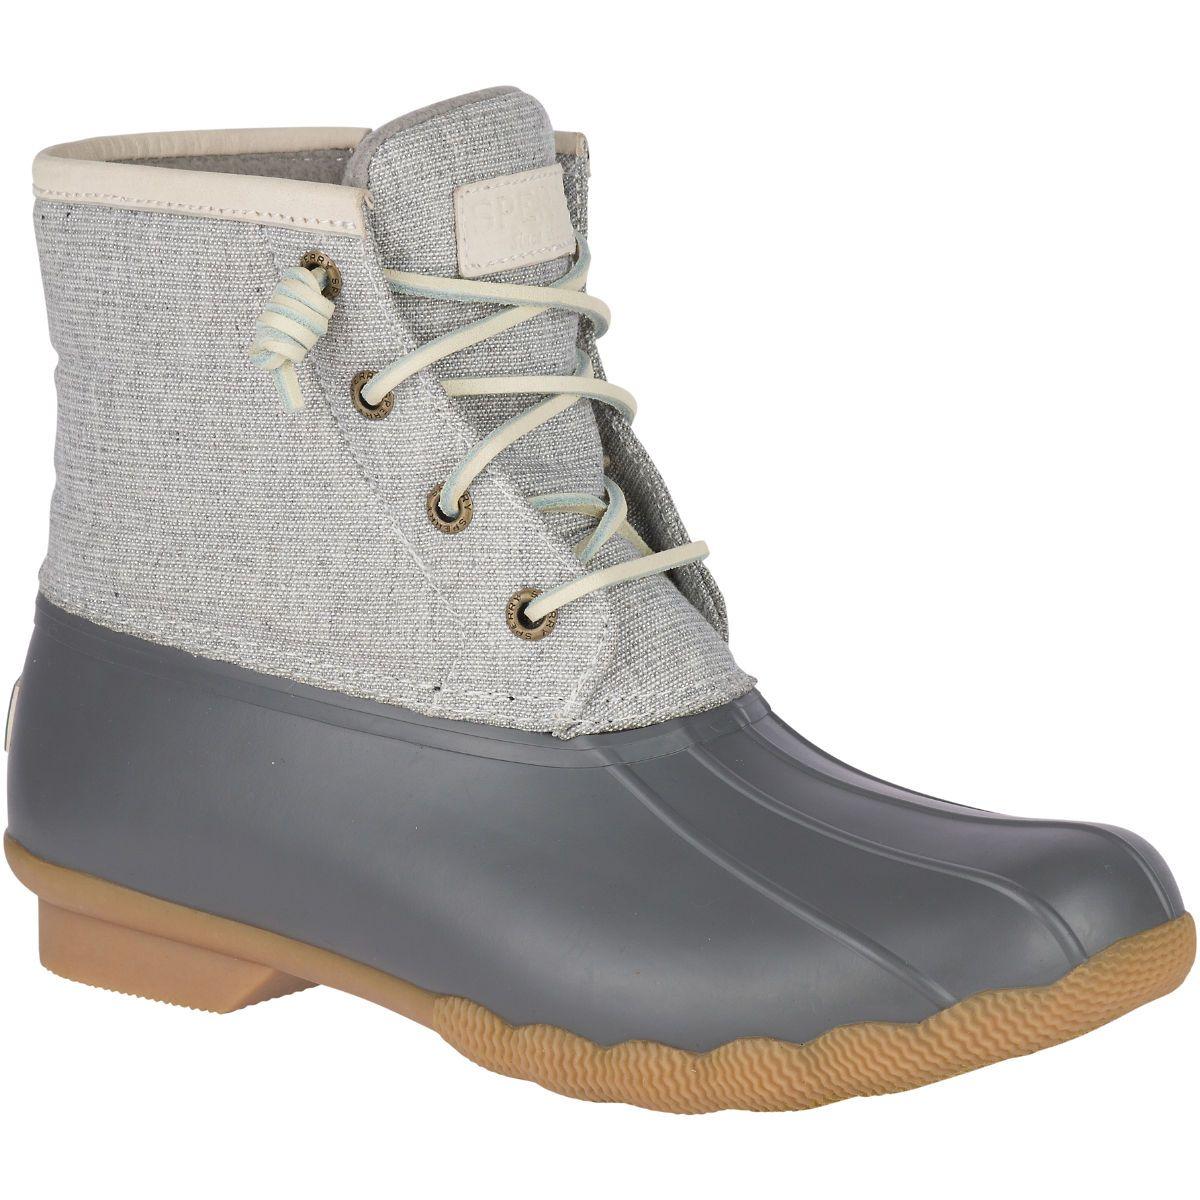 Saltwater Metallic Duck Boot Grey